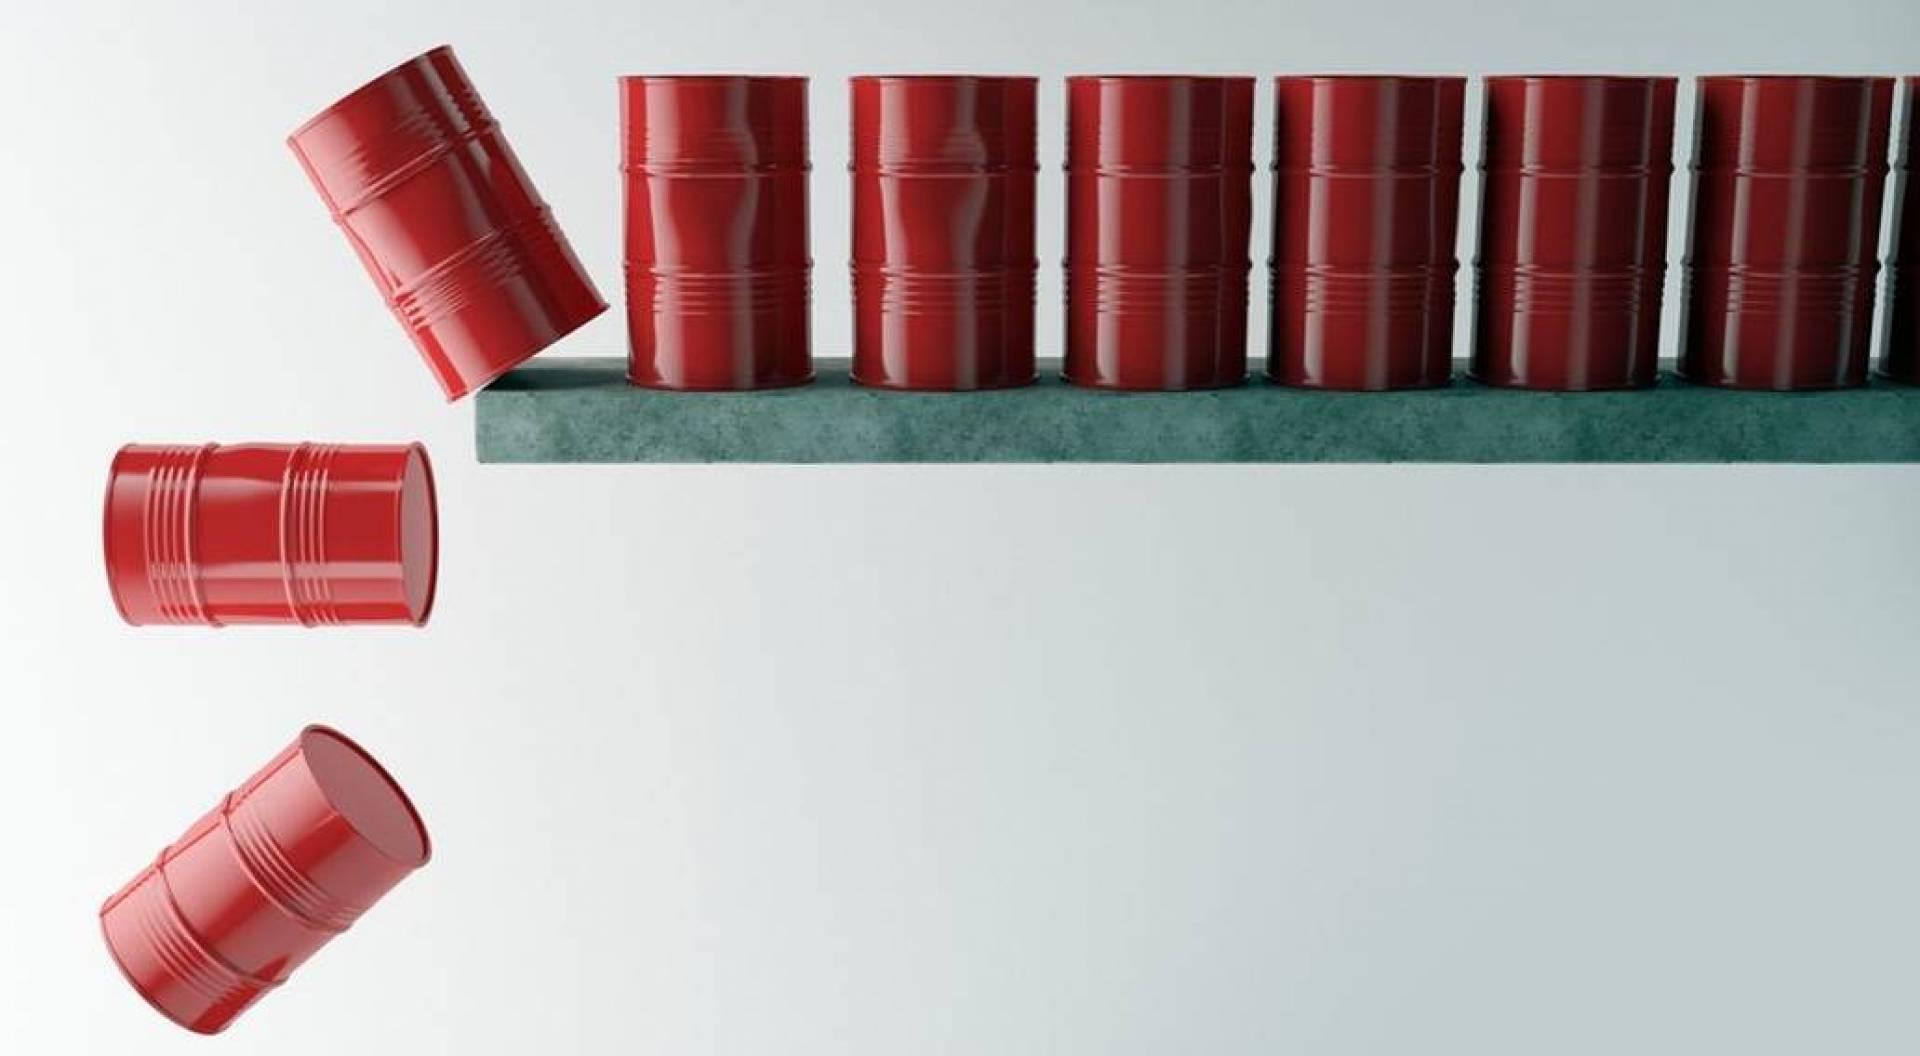 أسعار النفط تهبط بسبب توقعات بضعف الطلب